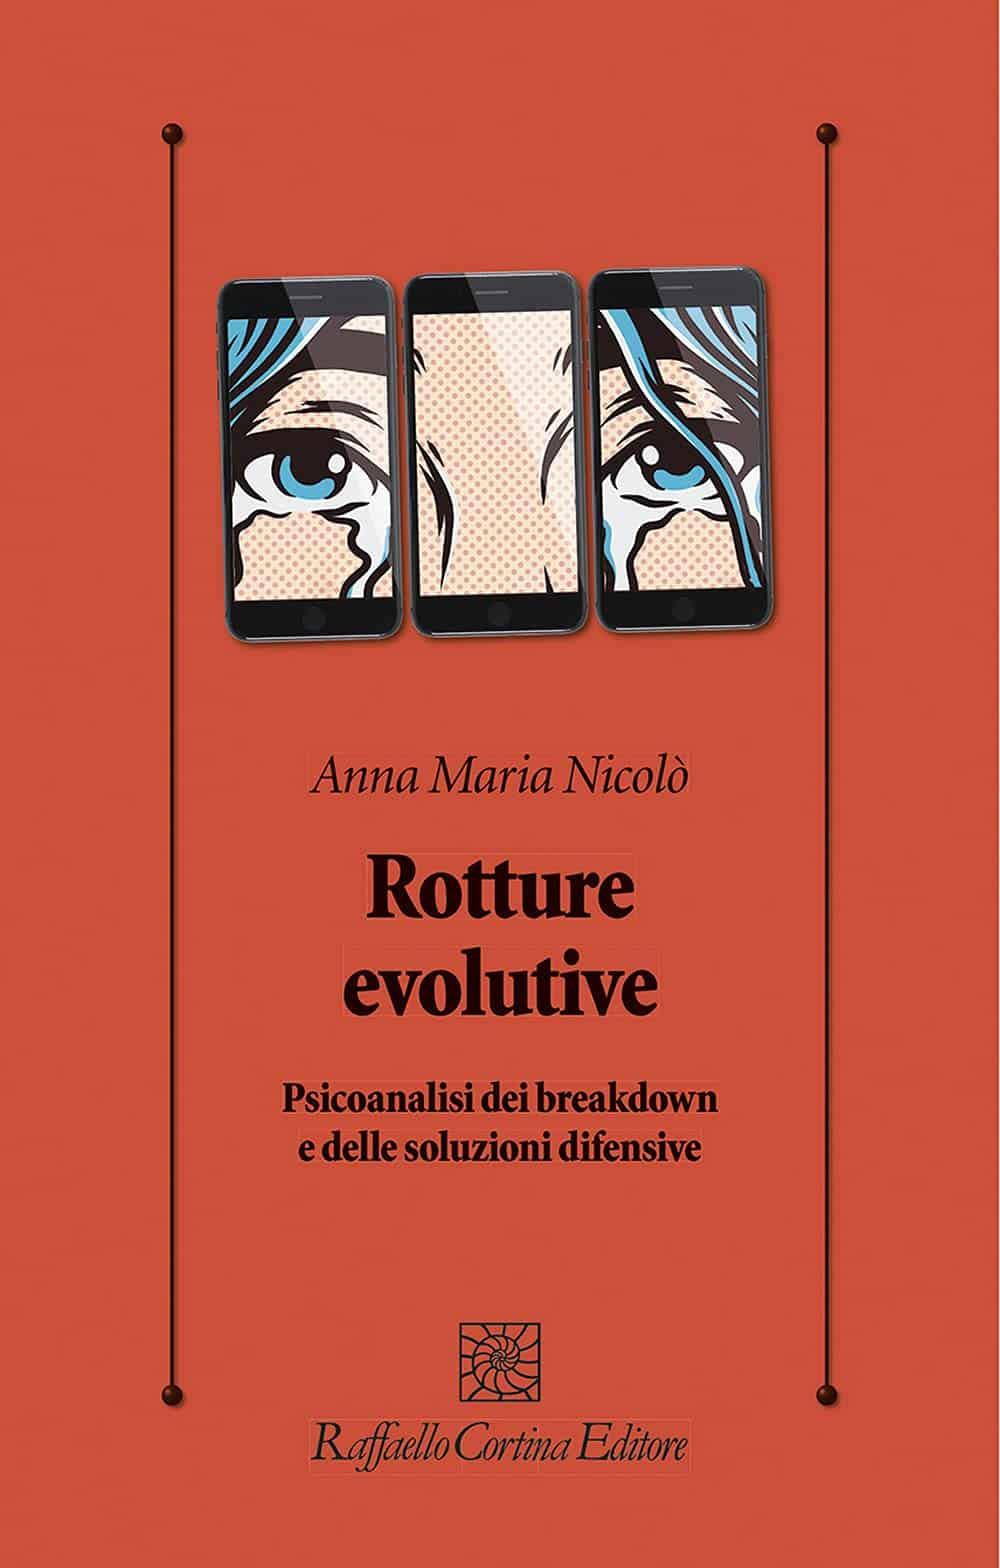 Rotture evolutive. Psicoanalisi dei breakdown e delle soluzioni difensive (2021) di Anna Maria Nicolò – Recensione